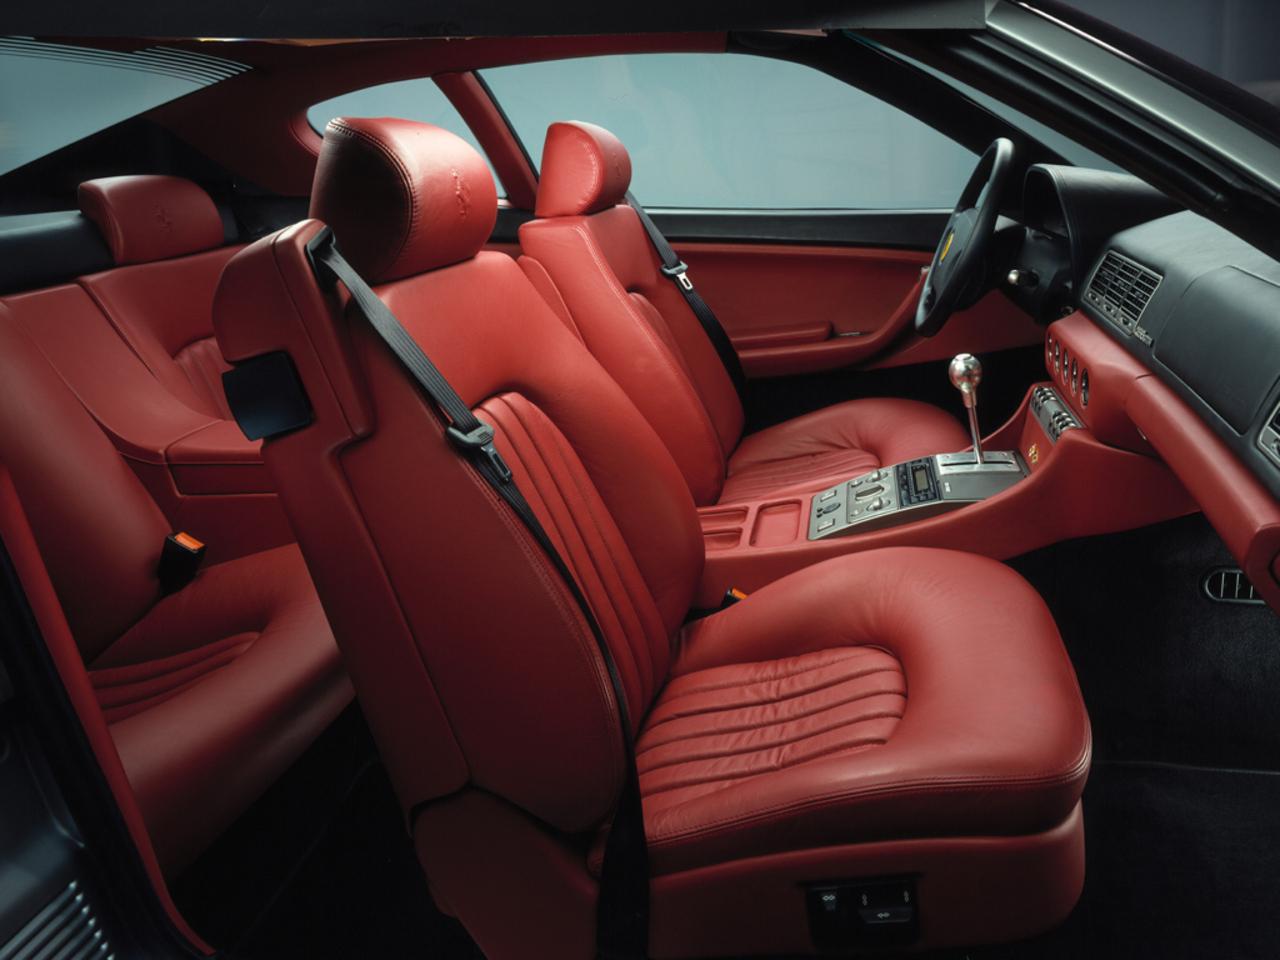 456 GTA: Visione interni